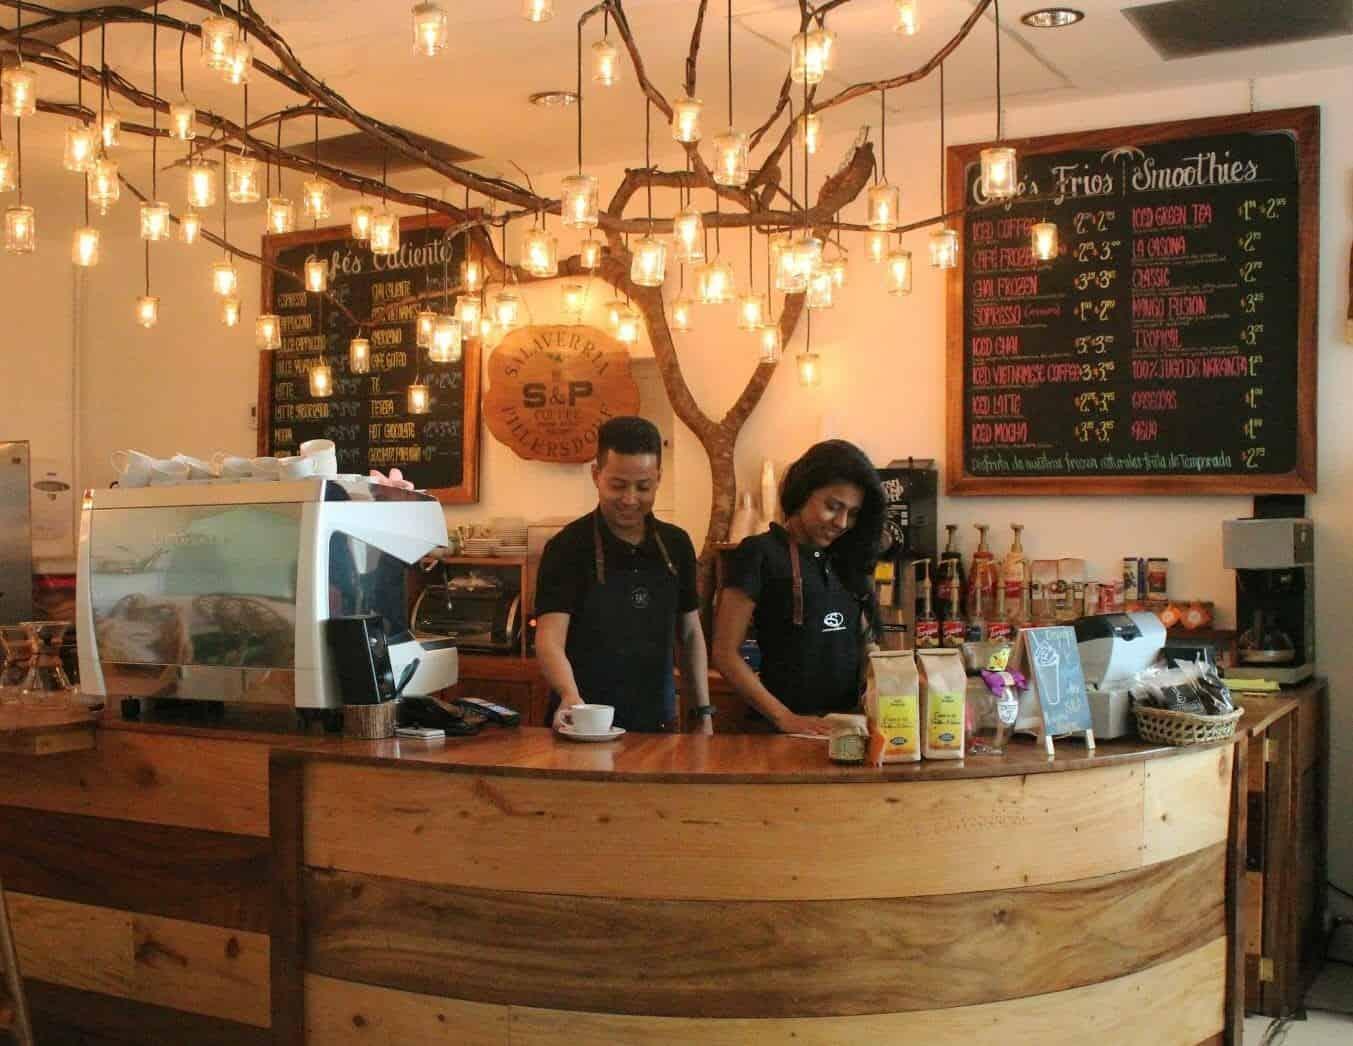 S&P Cafe